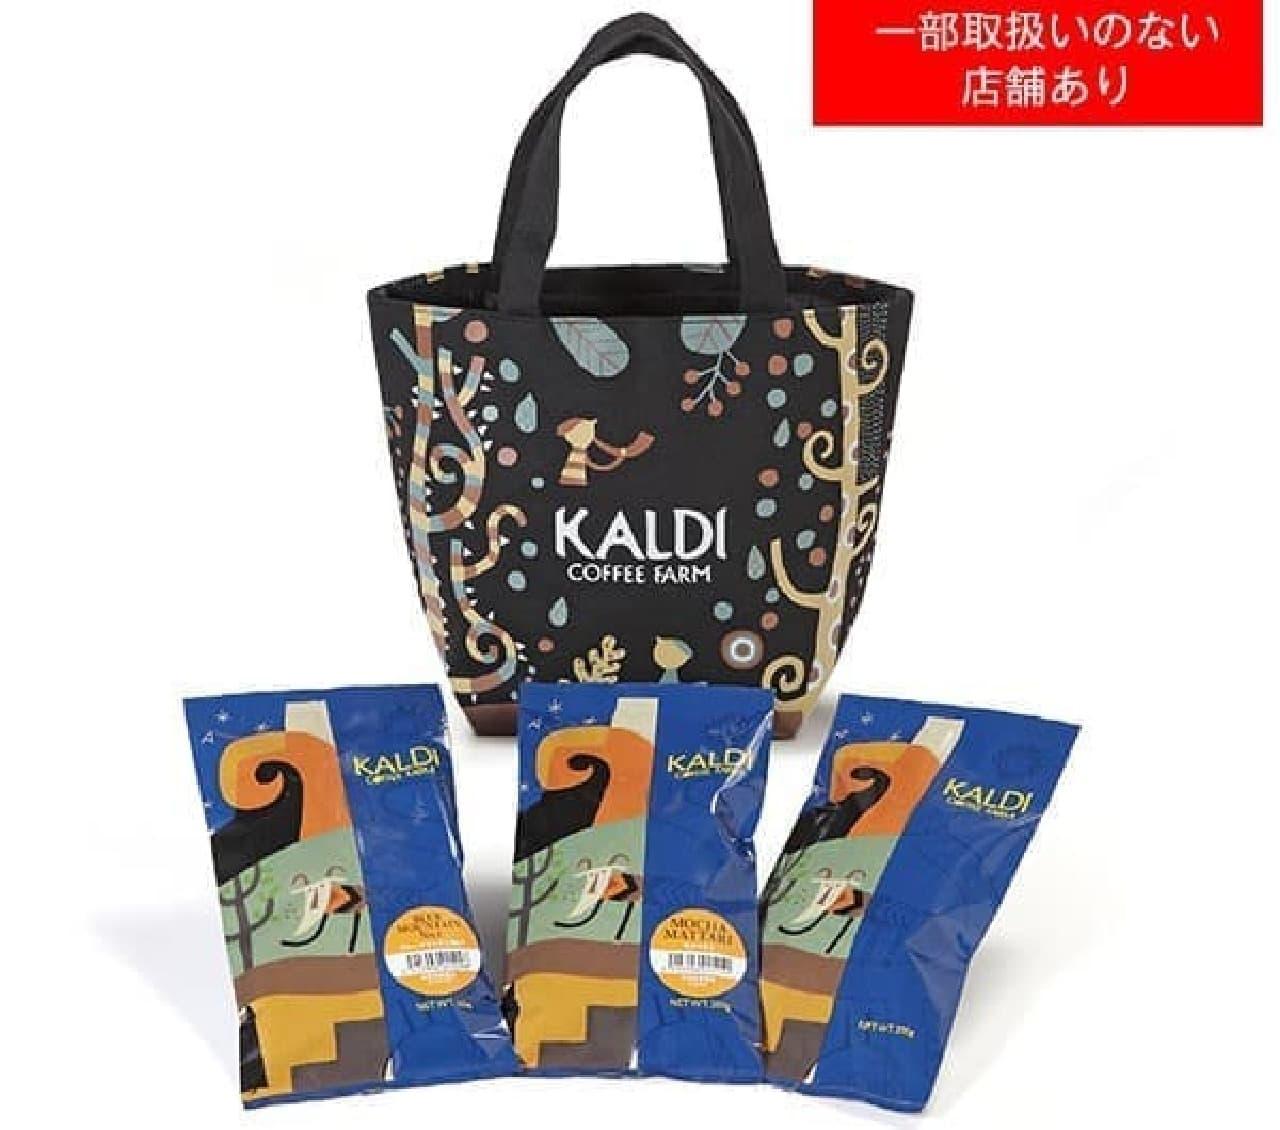 カルディ「コーヒー福袋 豪華セット(豆・挽き)」